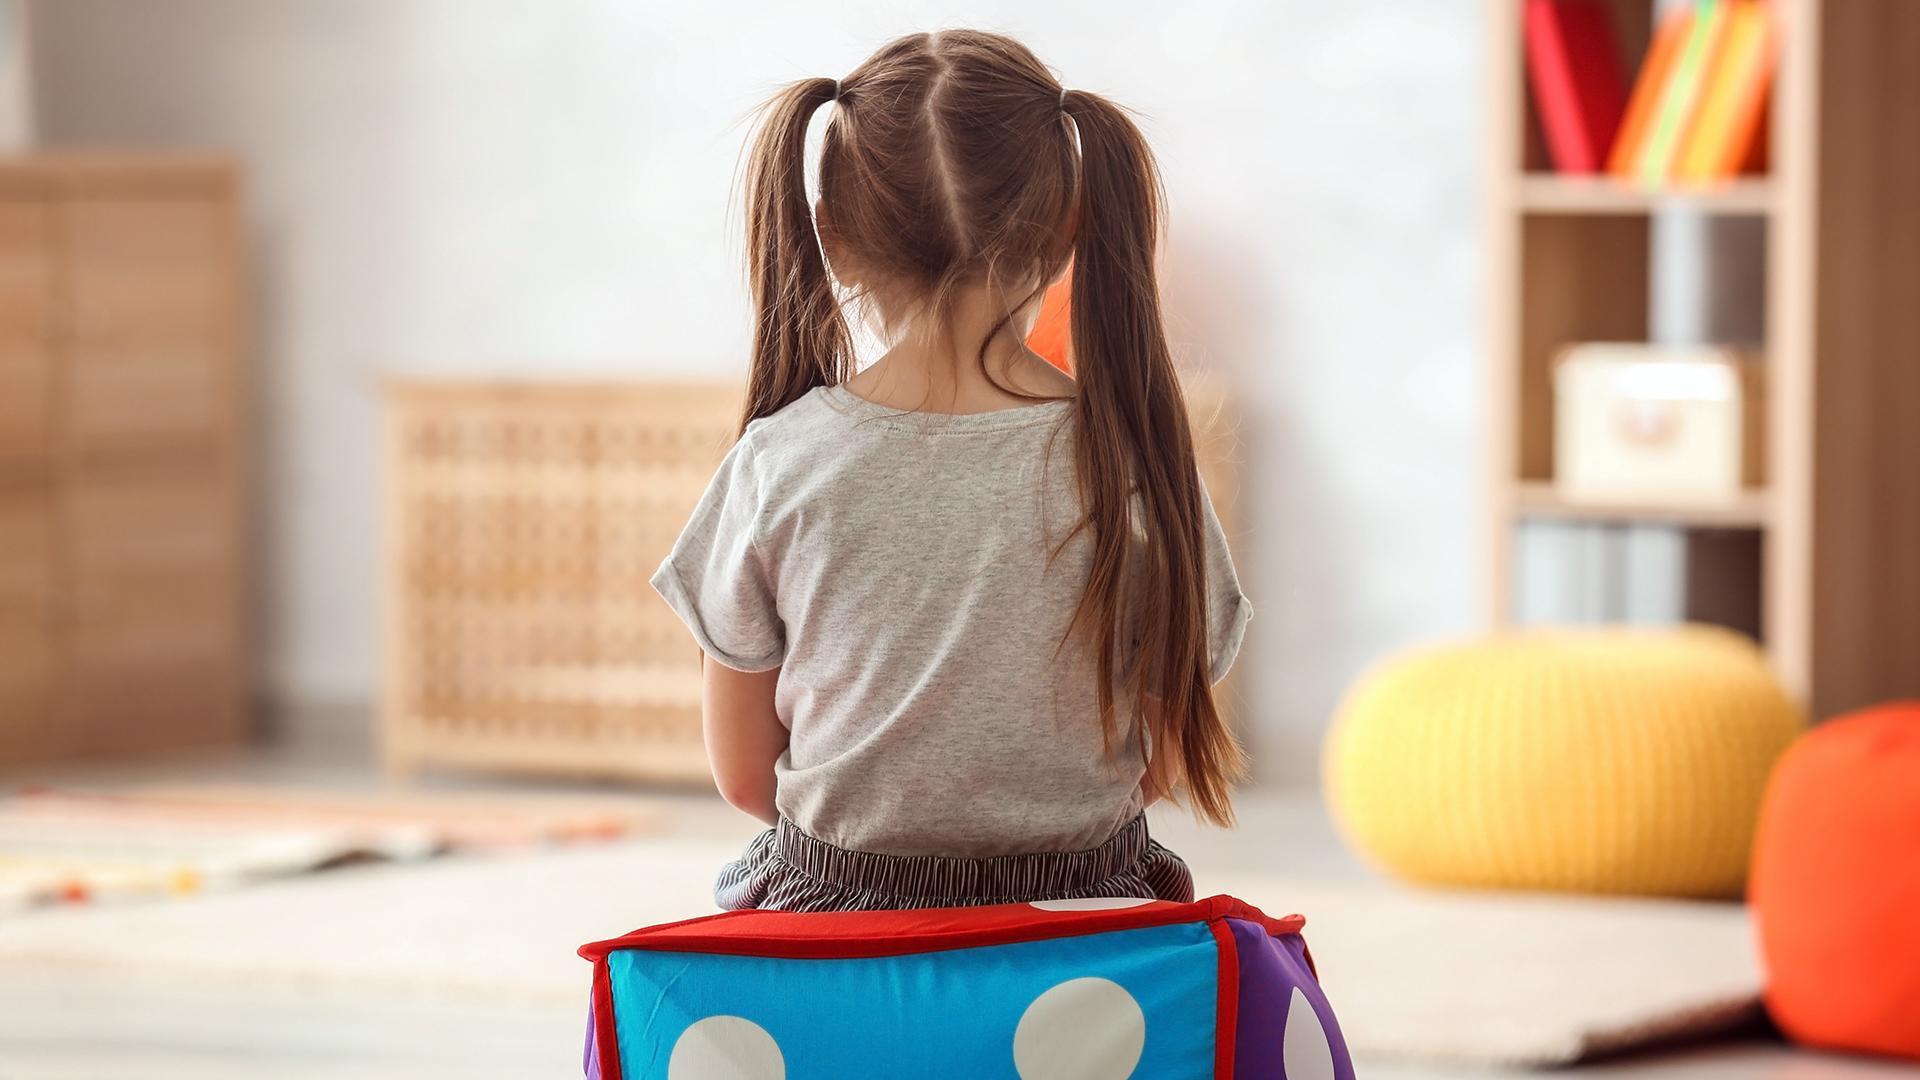 Аутизм у детей: признаки, симптомы, жизнь